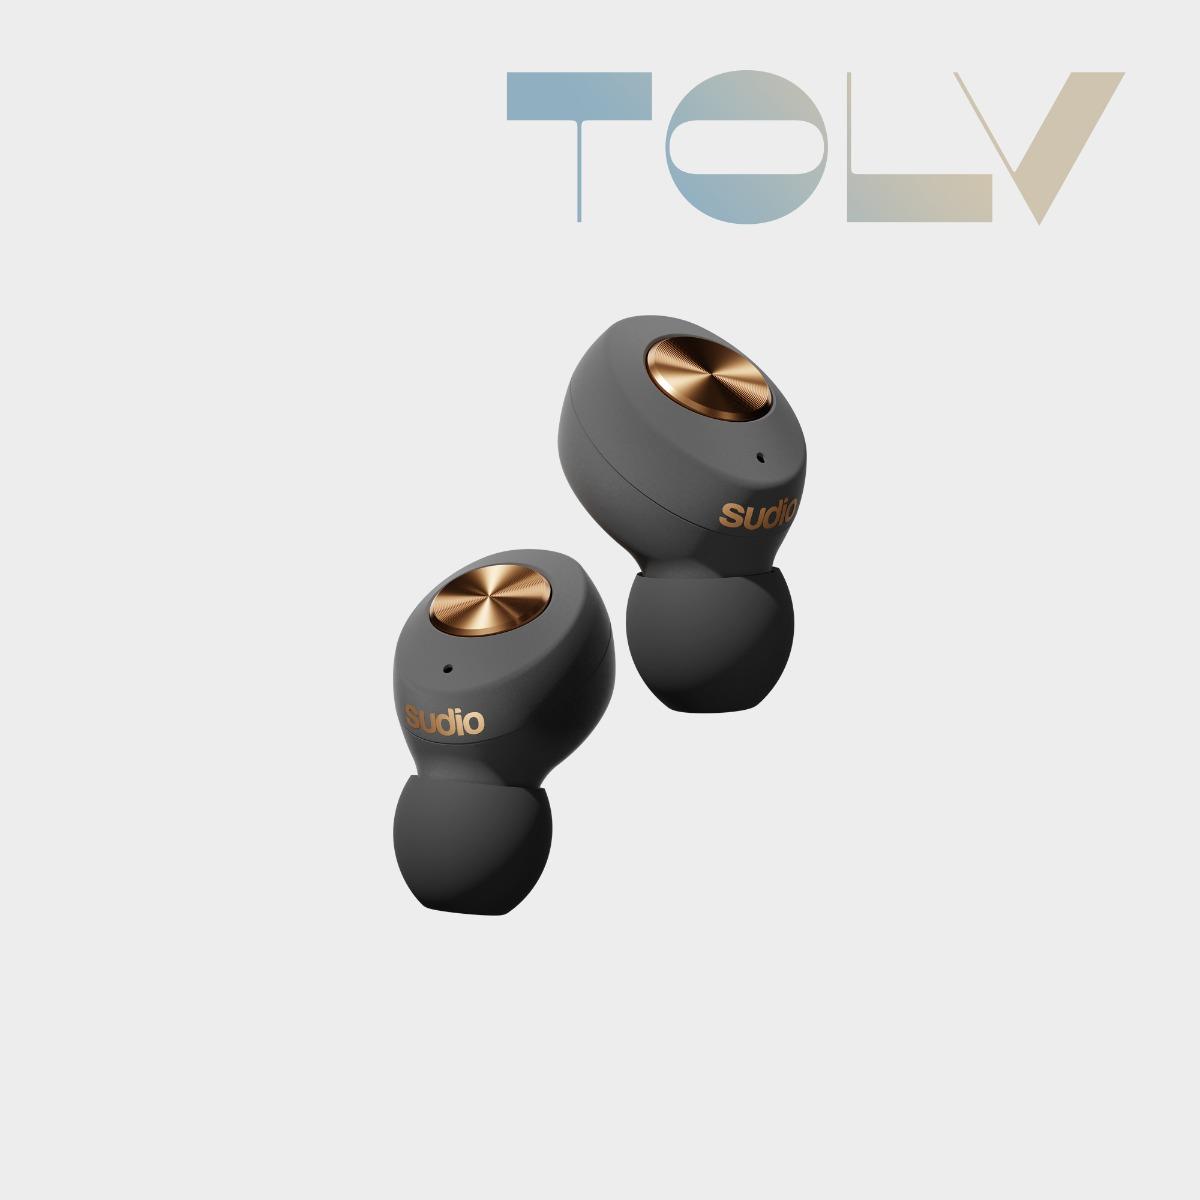 Sudio Tolv 入耳式耳機 藍芽耳機 無線 石墨烯驅動